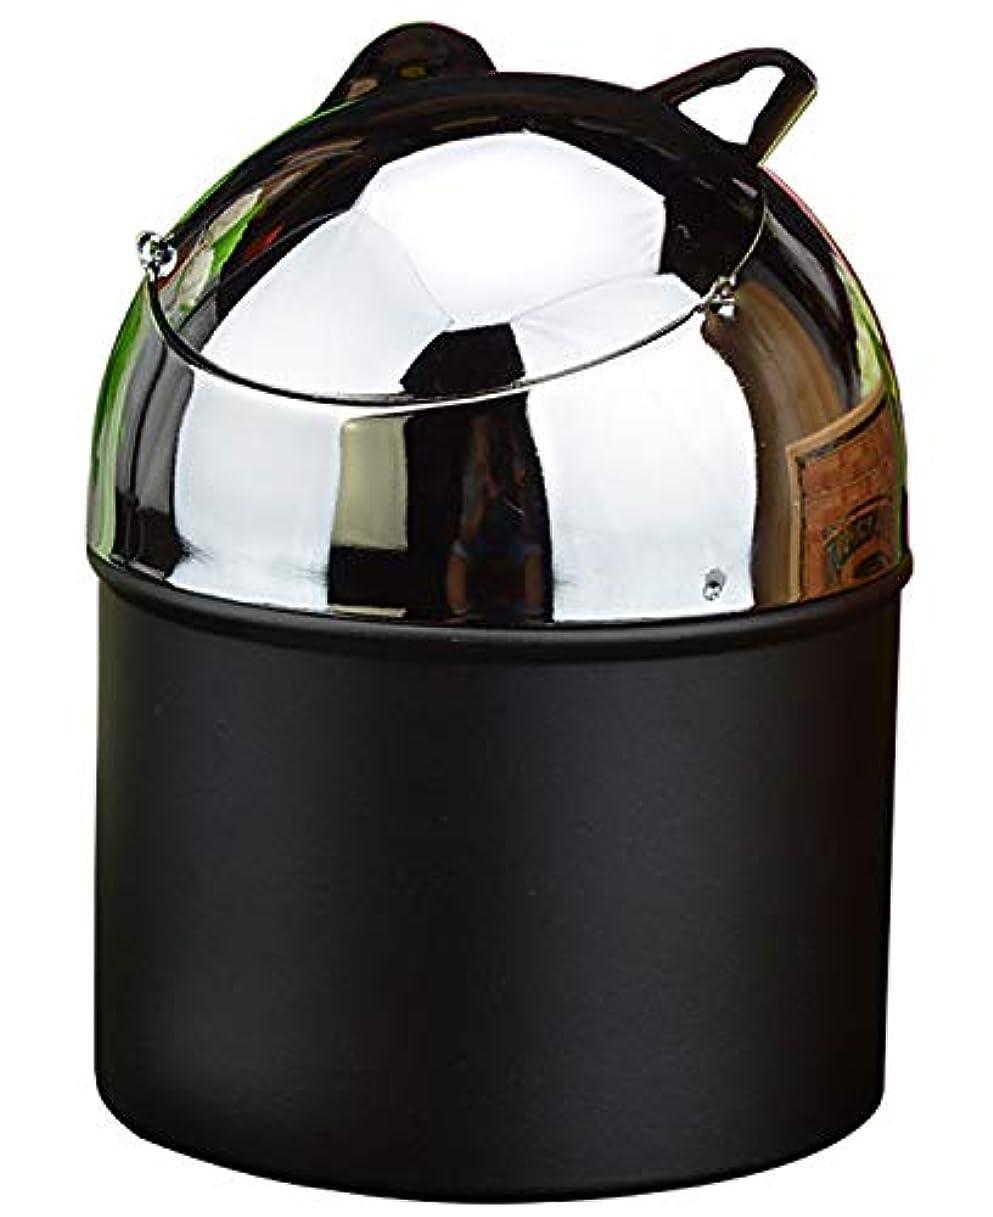 ジャーナルサミュエルダム蓋付きのタバコの灰皿、屋外屋内ホームオフィスの使用のための金属隠し灰皿(黒)